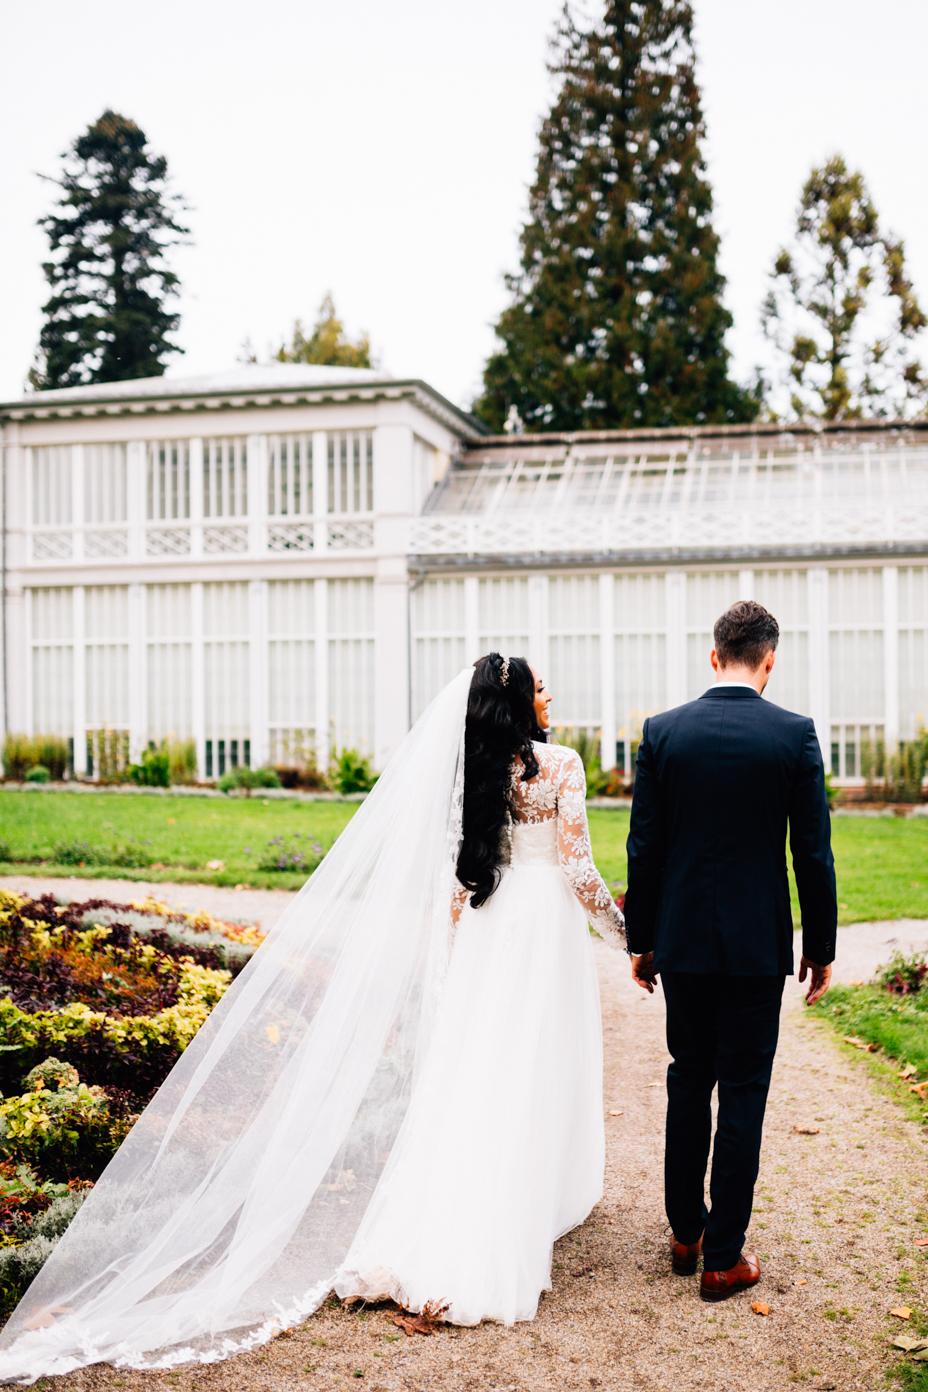 Hochzeitsfotograf-Kassel-Orangerie-Inka Englisch Photography-Hochzeitsreportage-Aue-Wedding-Photographer-Lifestyle-Storytelling-112